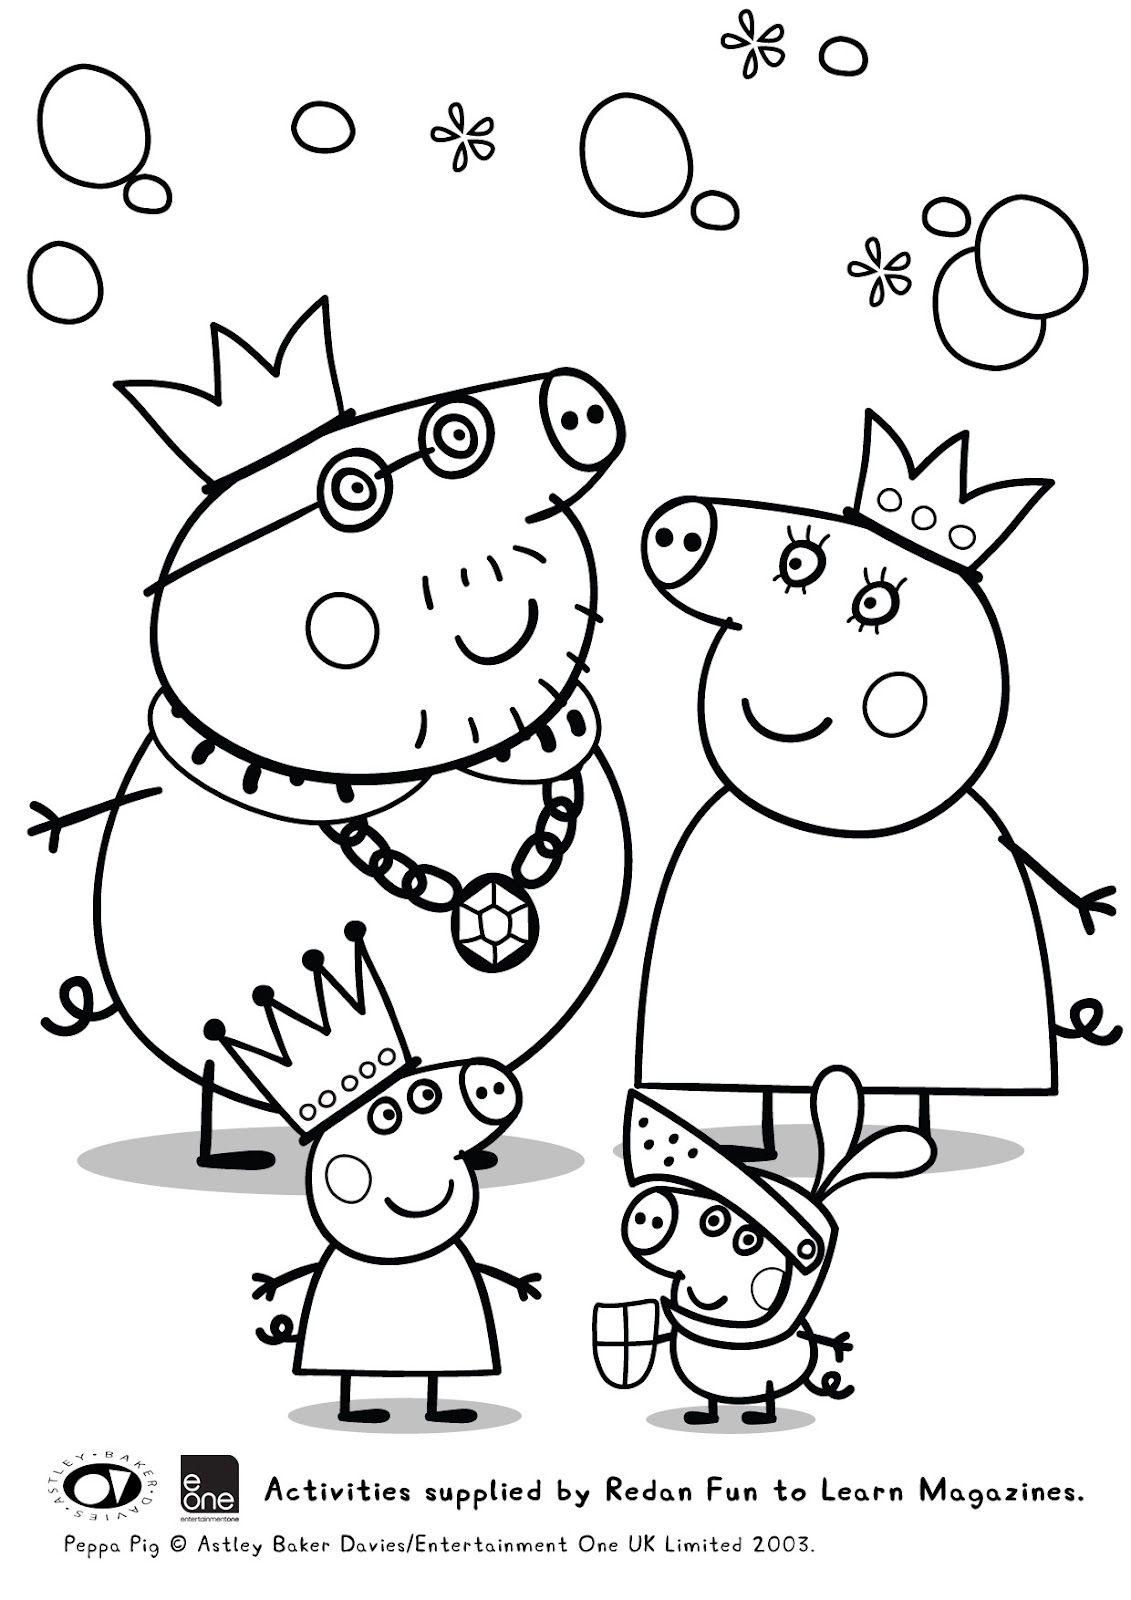 Disegno Di Peppa Pig Da Colorare.Guarda Tutti I Disegni Da Colorare Di Peppa Pig Www